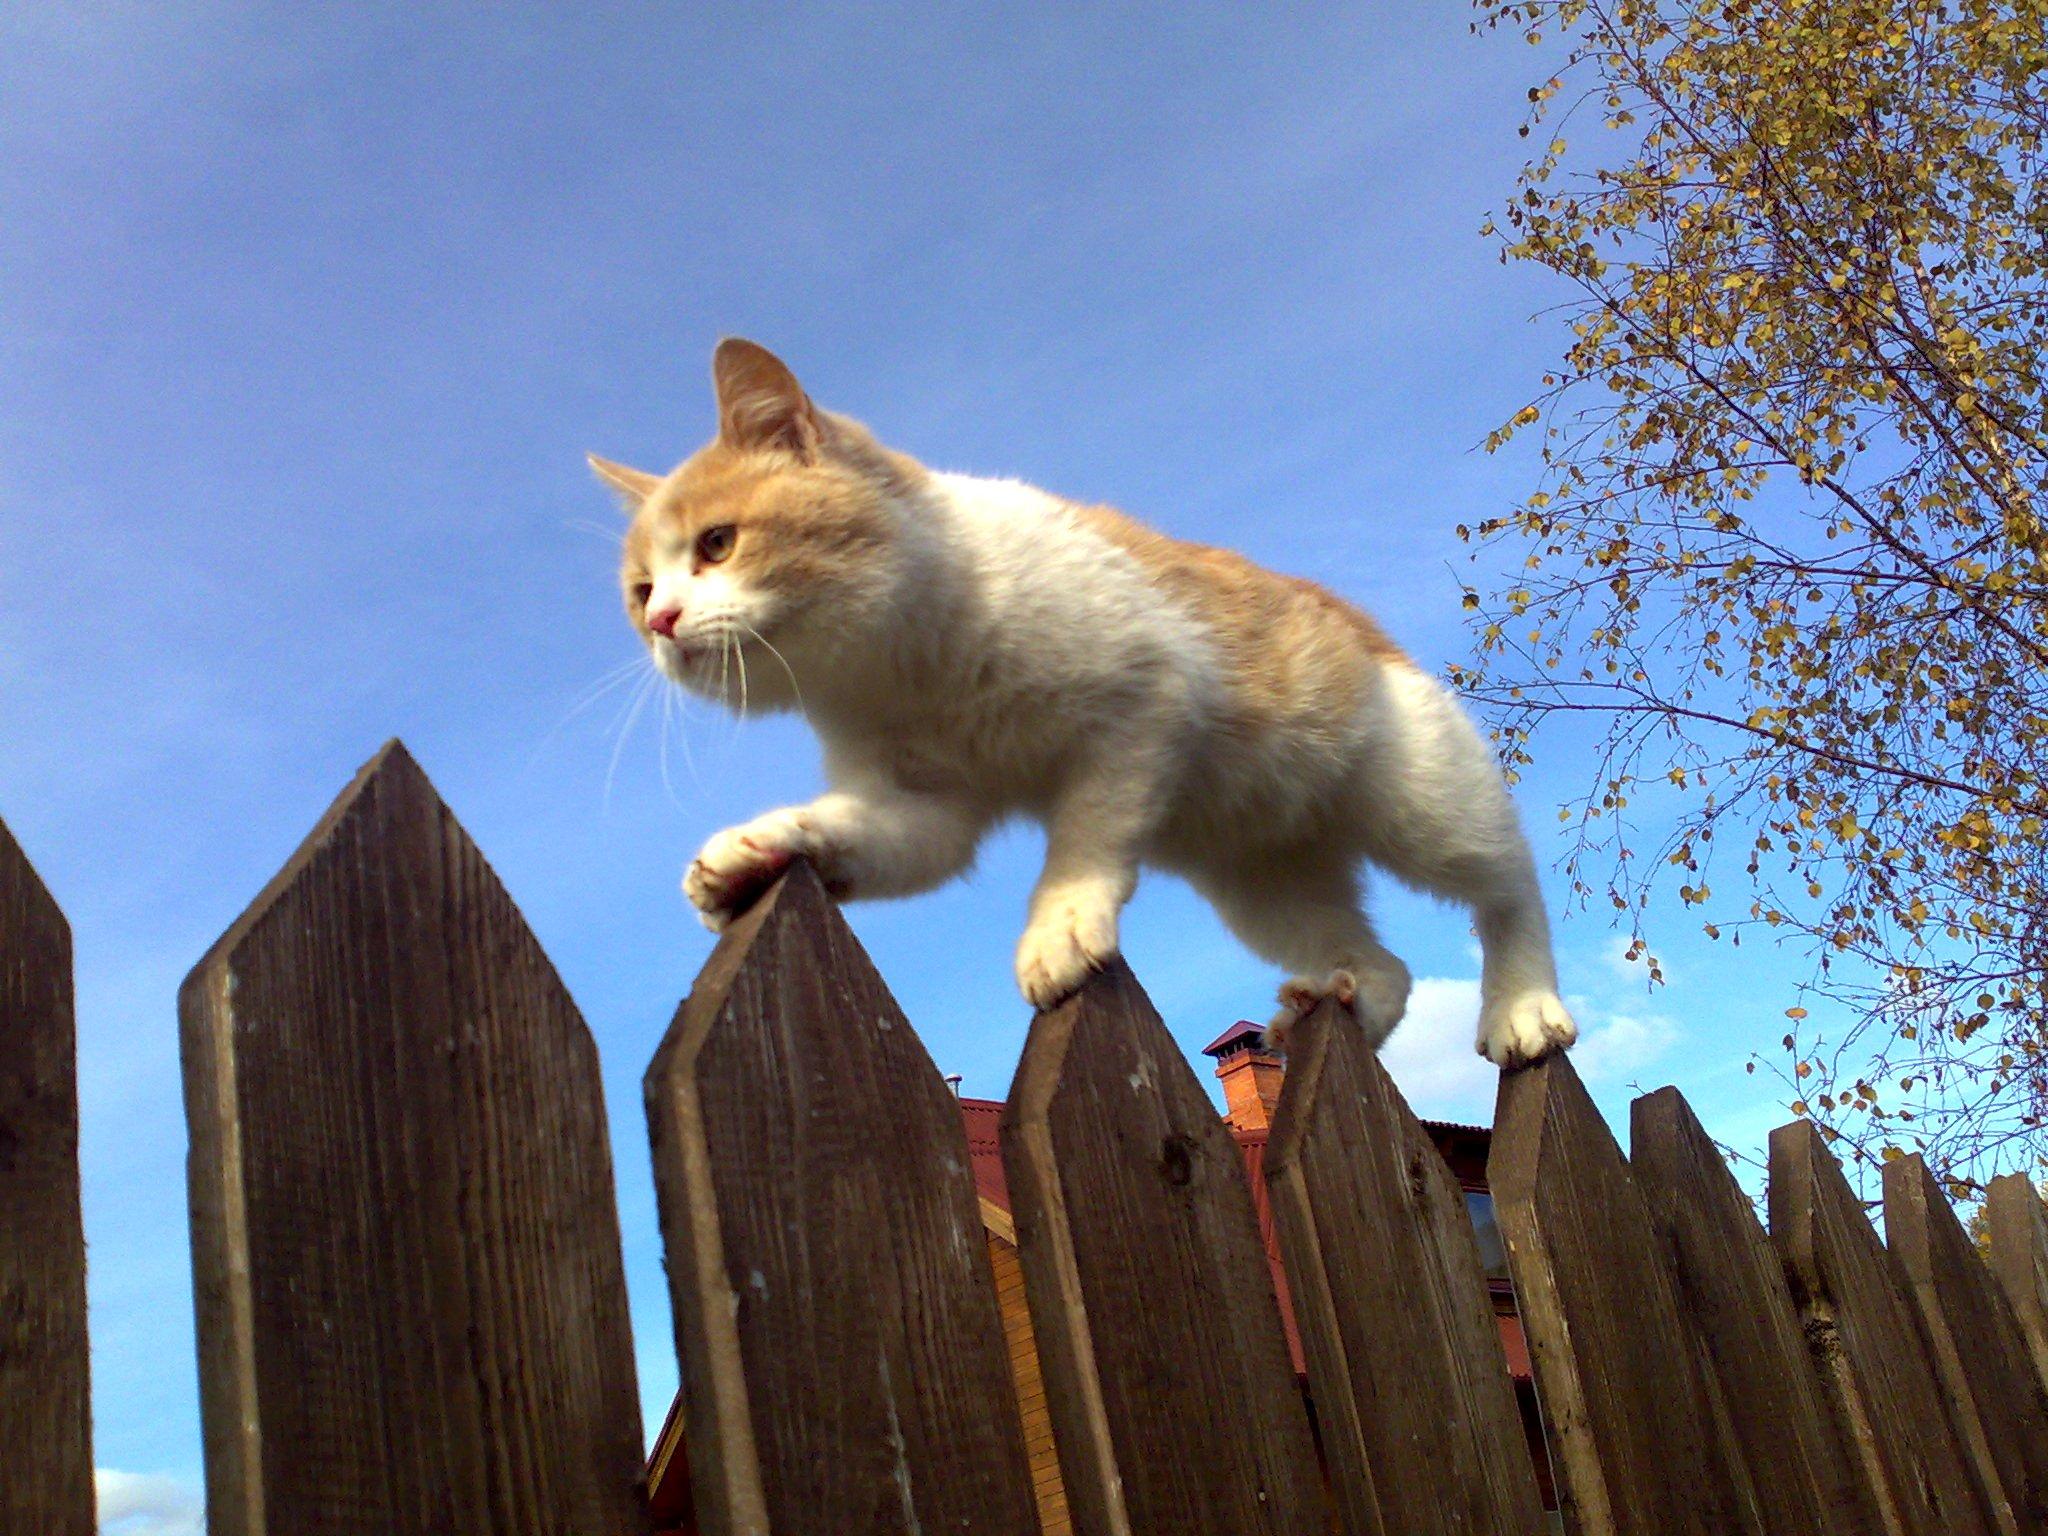 Кото-грелка! Кото-мурка и шипелка!. Блиц: с точки зрения кошки